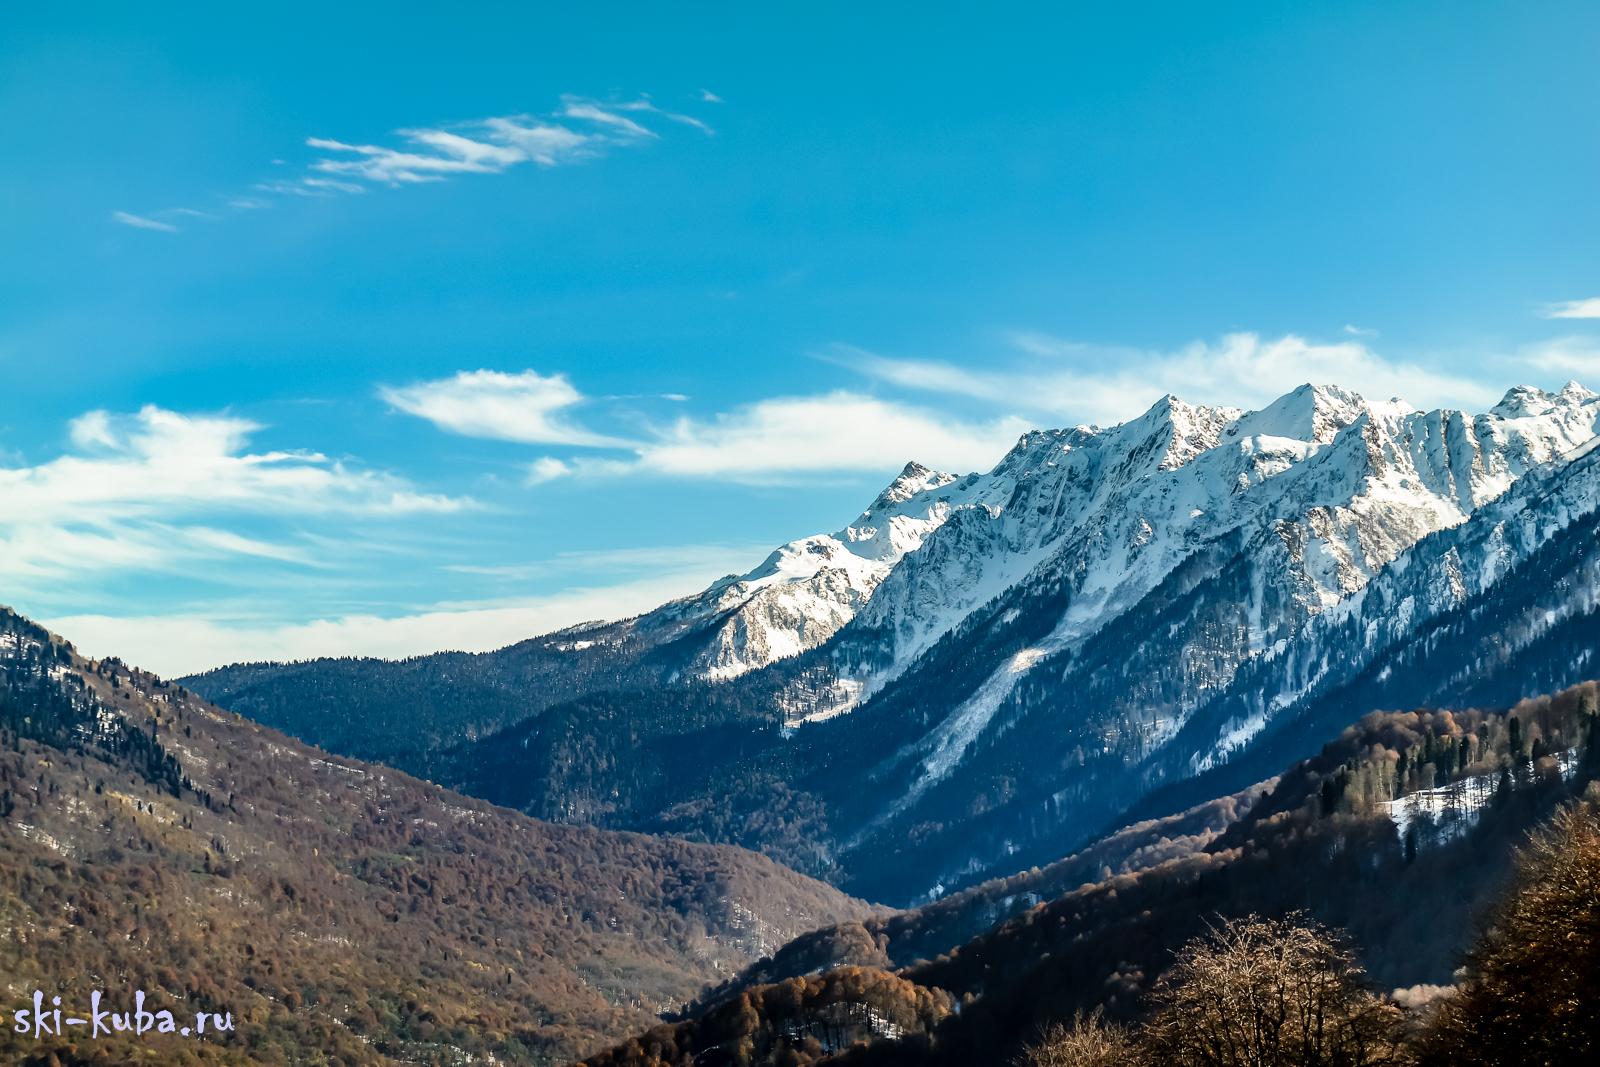 Вид на хребет Аибга, верховья реки Мзымта и вершины пик Сочи, Агепста, Ацетука,